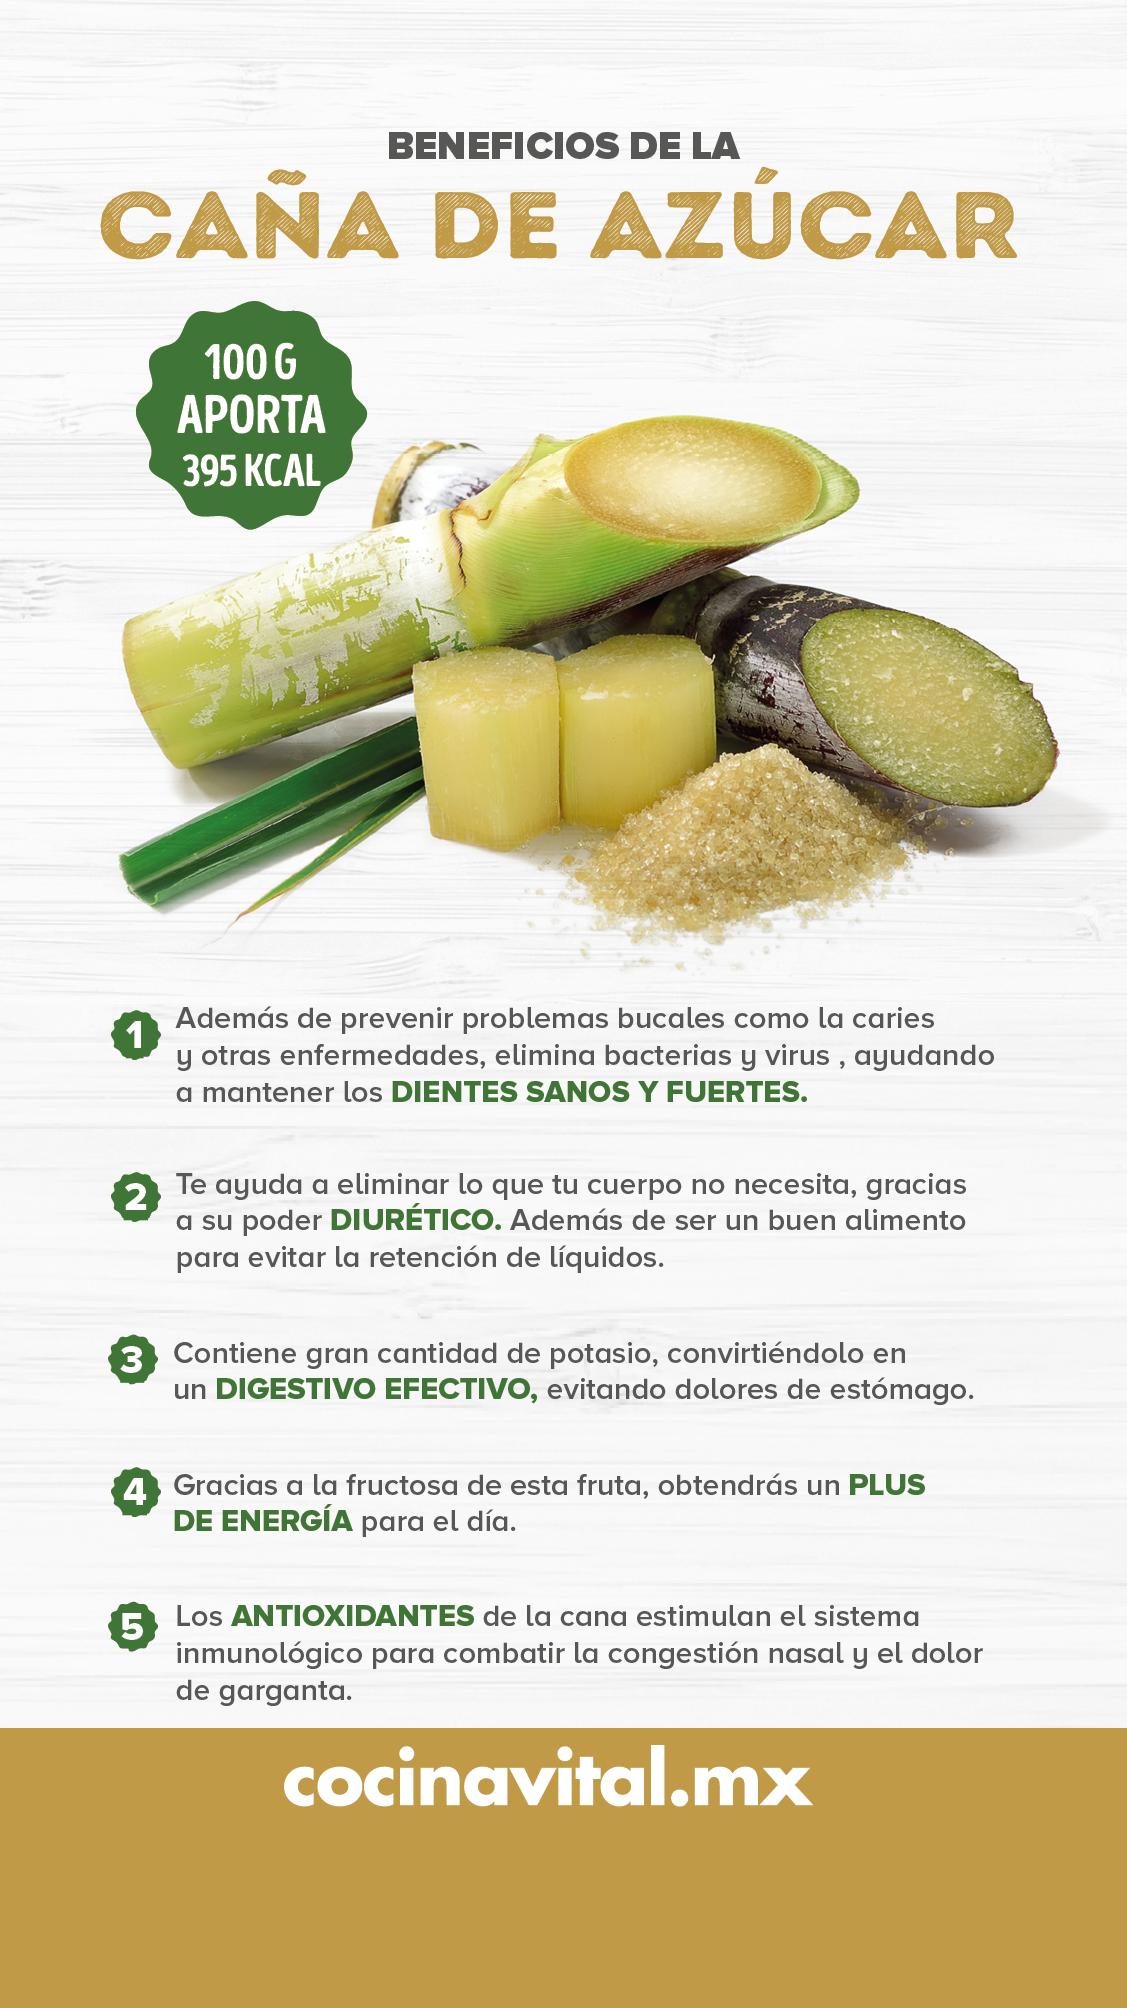 7 Beneficios De La Caña De Azúcar Que Te Fascinarán Cocina Vital Qué Cocinar Hoy Frutas Y Verduras Beneficios Frutas Y Verduras Jugos Saludables